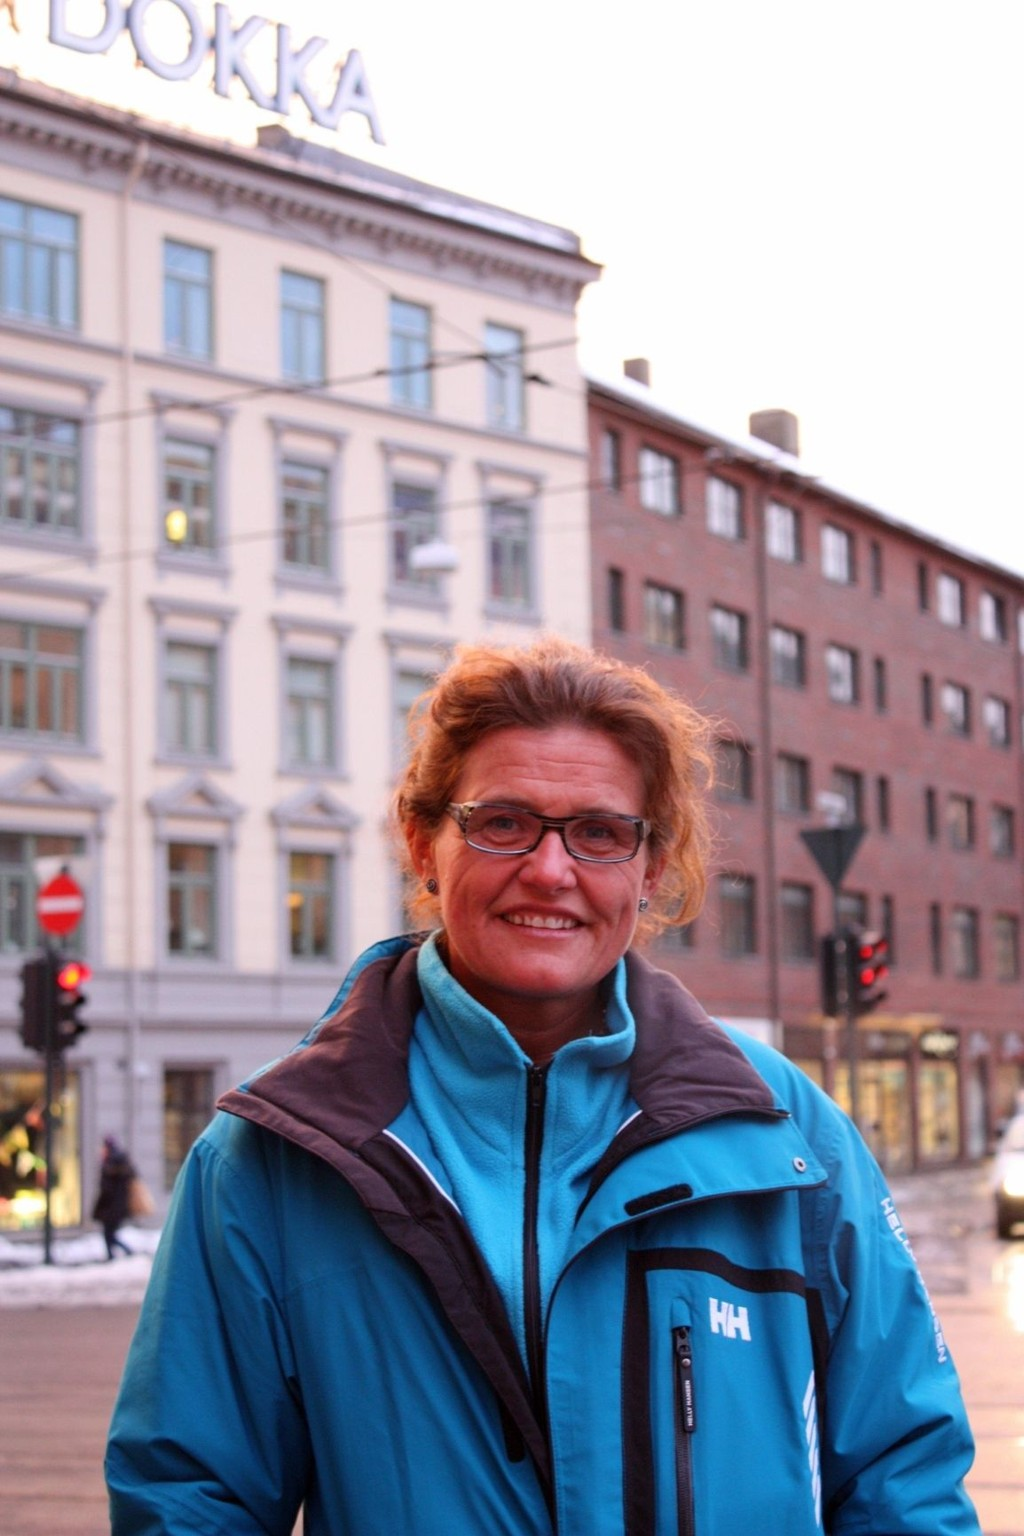 Venninnene til Vibeke Olss har spurt om de kan få kurs med henne fire ganger i året på blå resept.